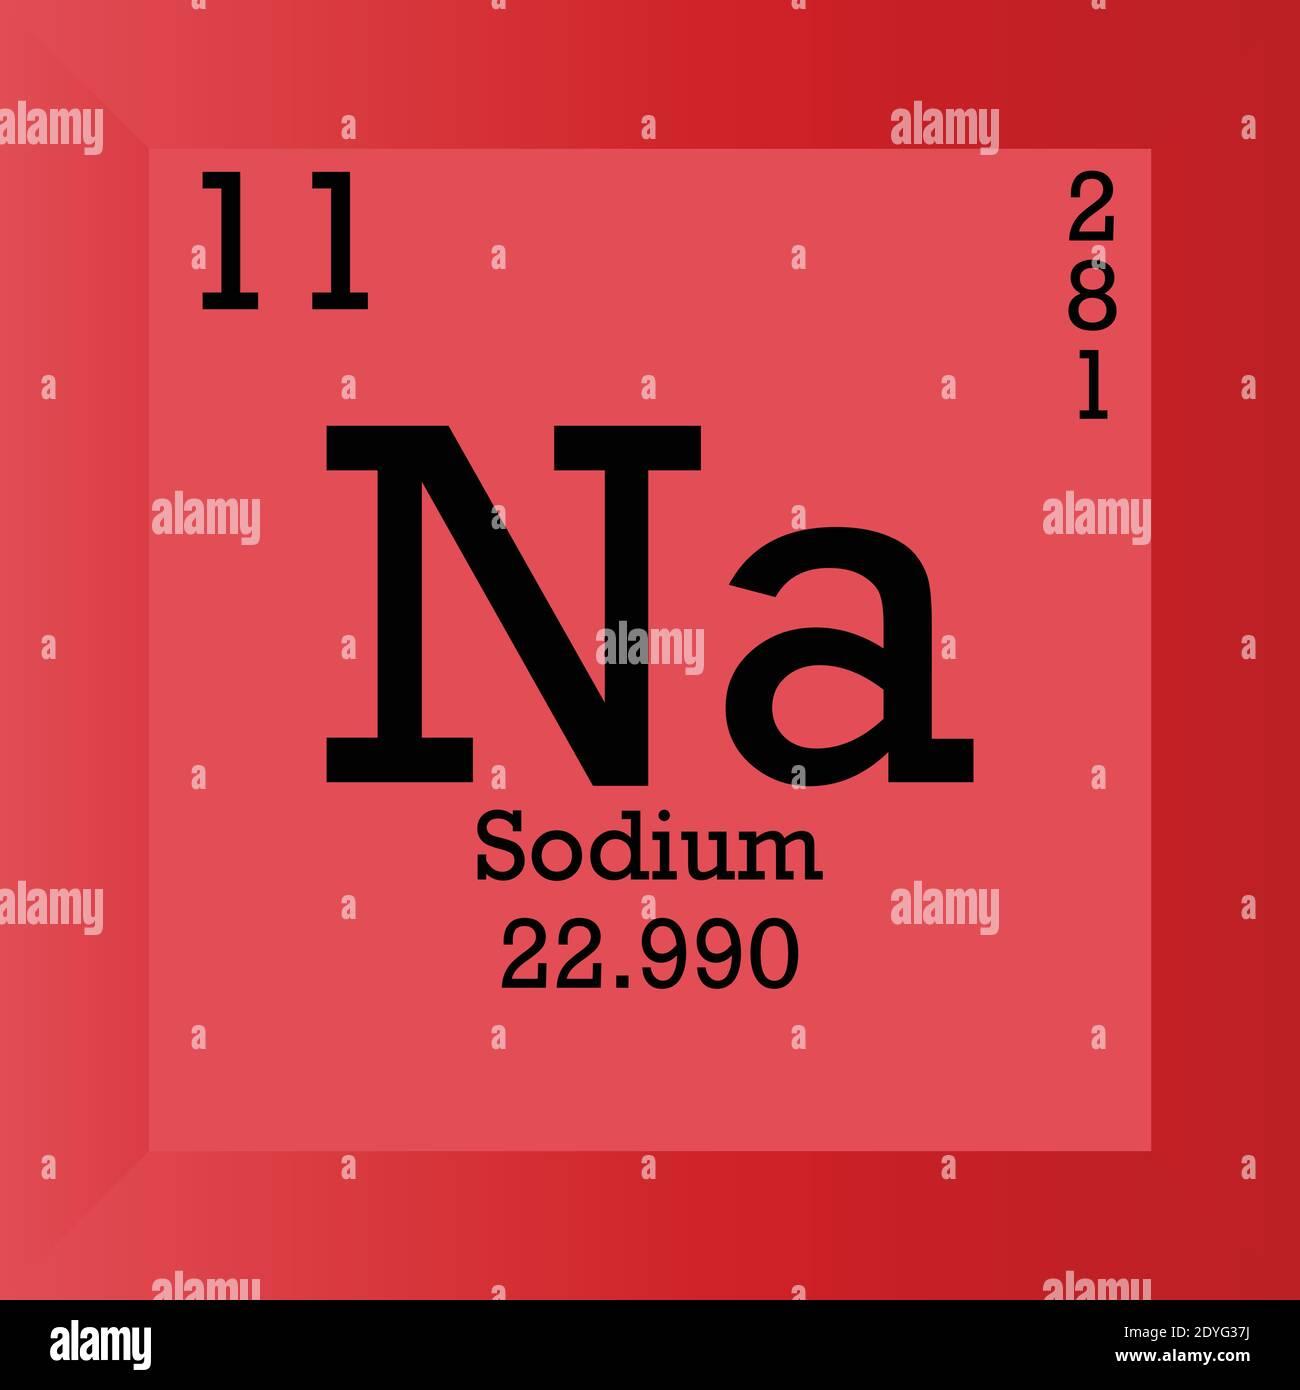 Na Natrium – Periodensystem Für Chemische Elemente ...